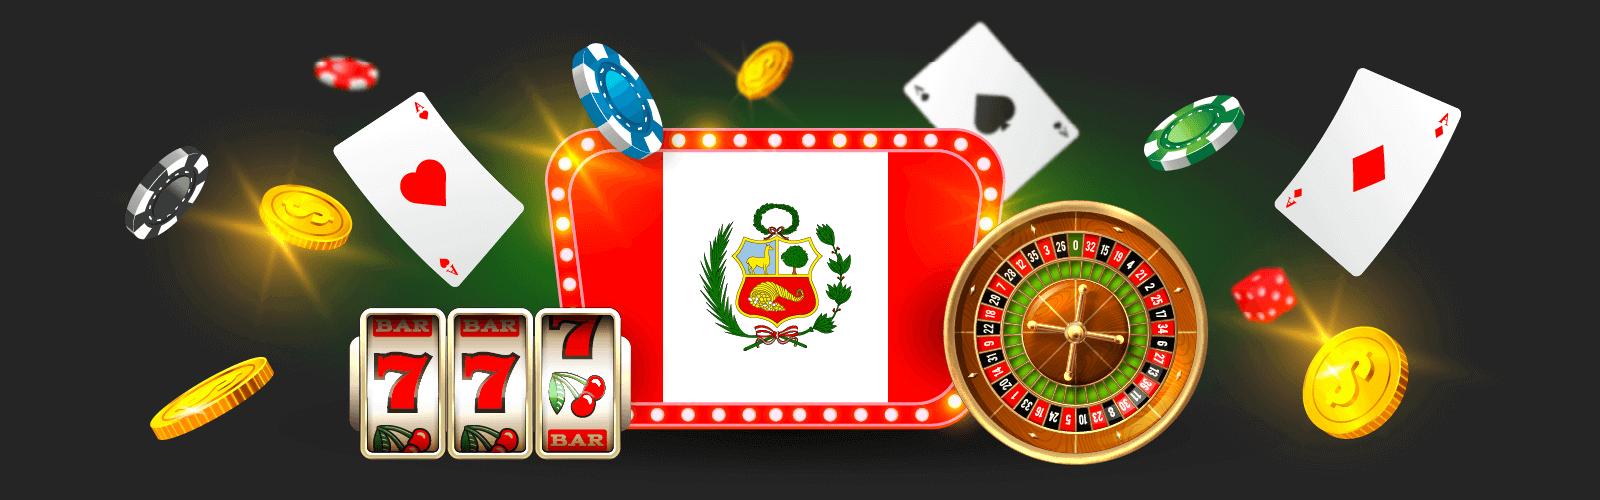 Juegos de casino online en Perú